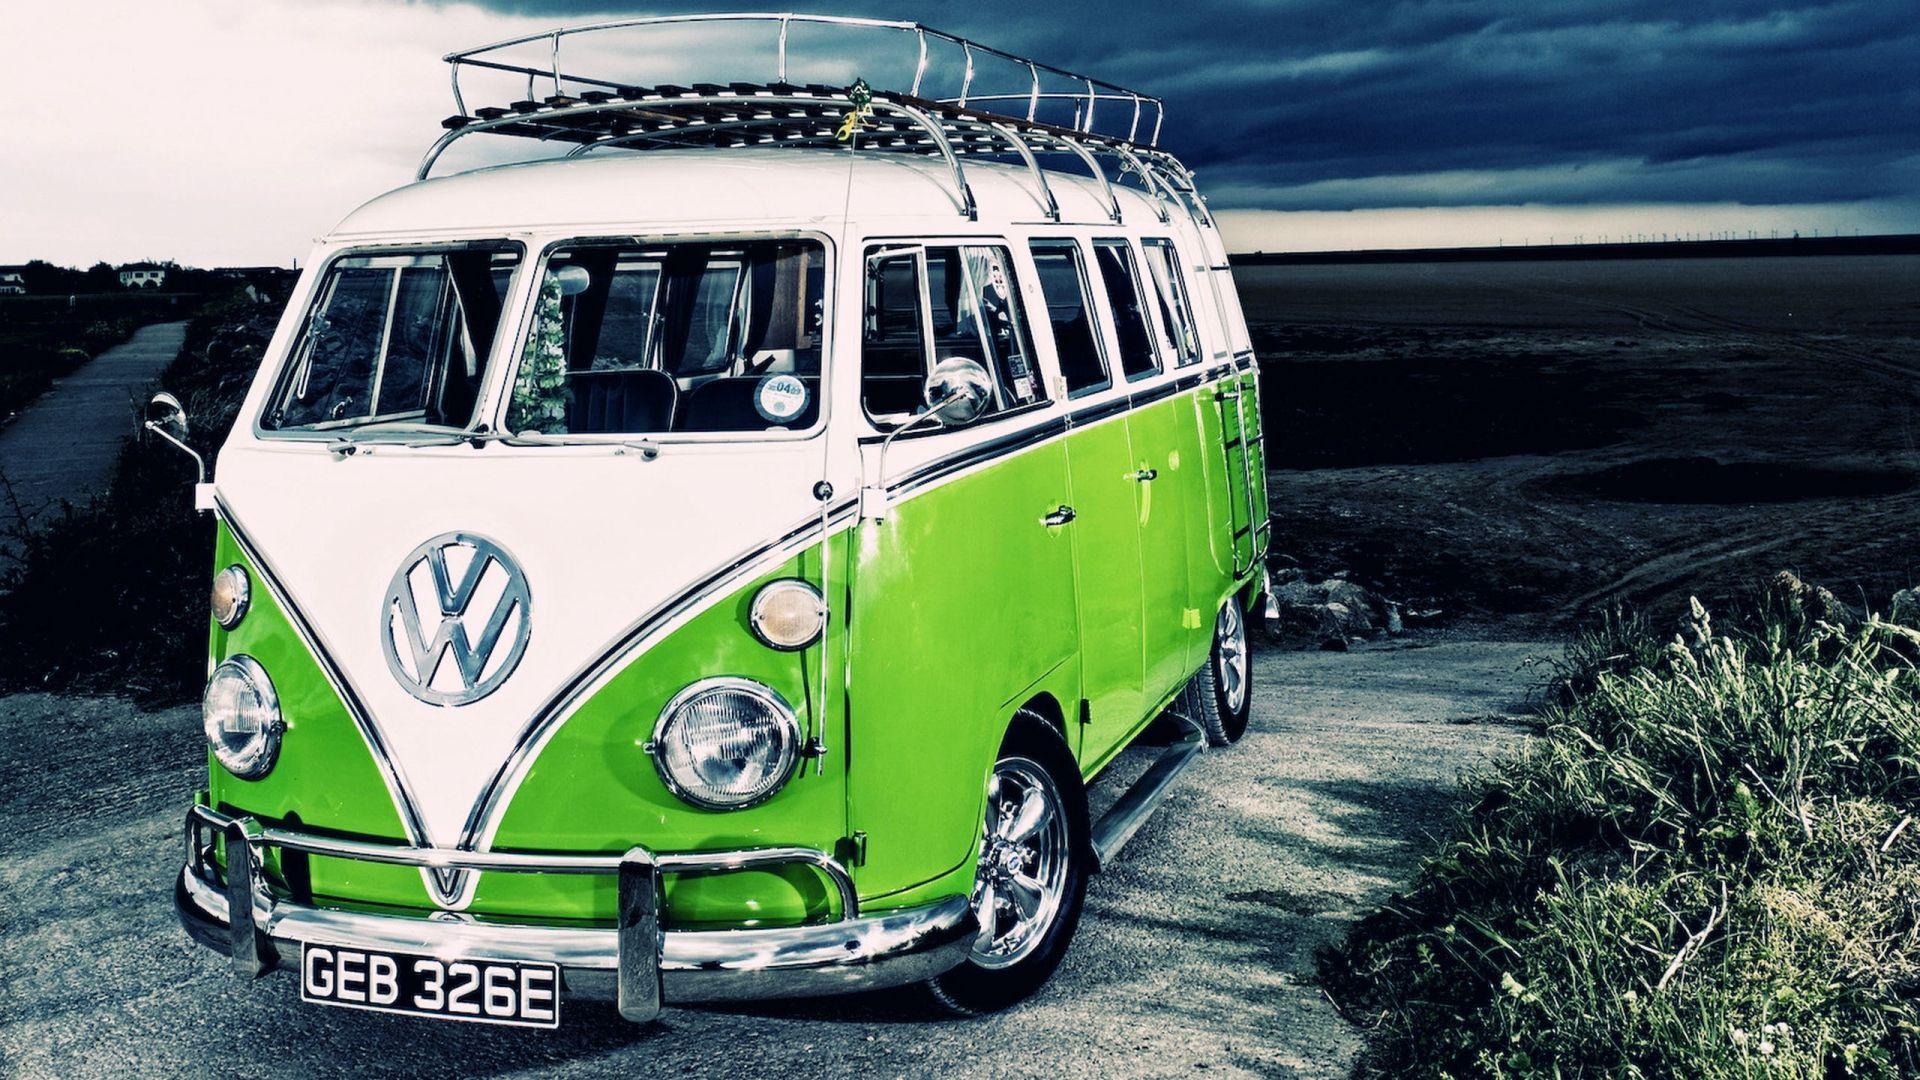 Volkswagen Surf Van Wallpapers With Images Vw Campervan